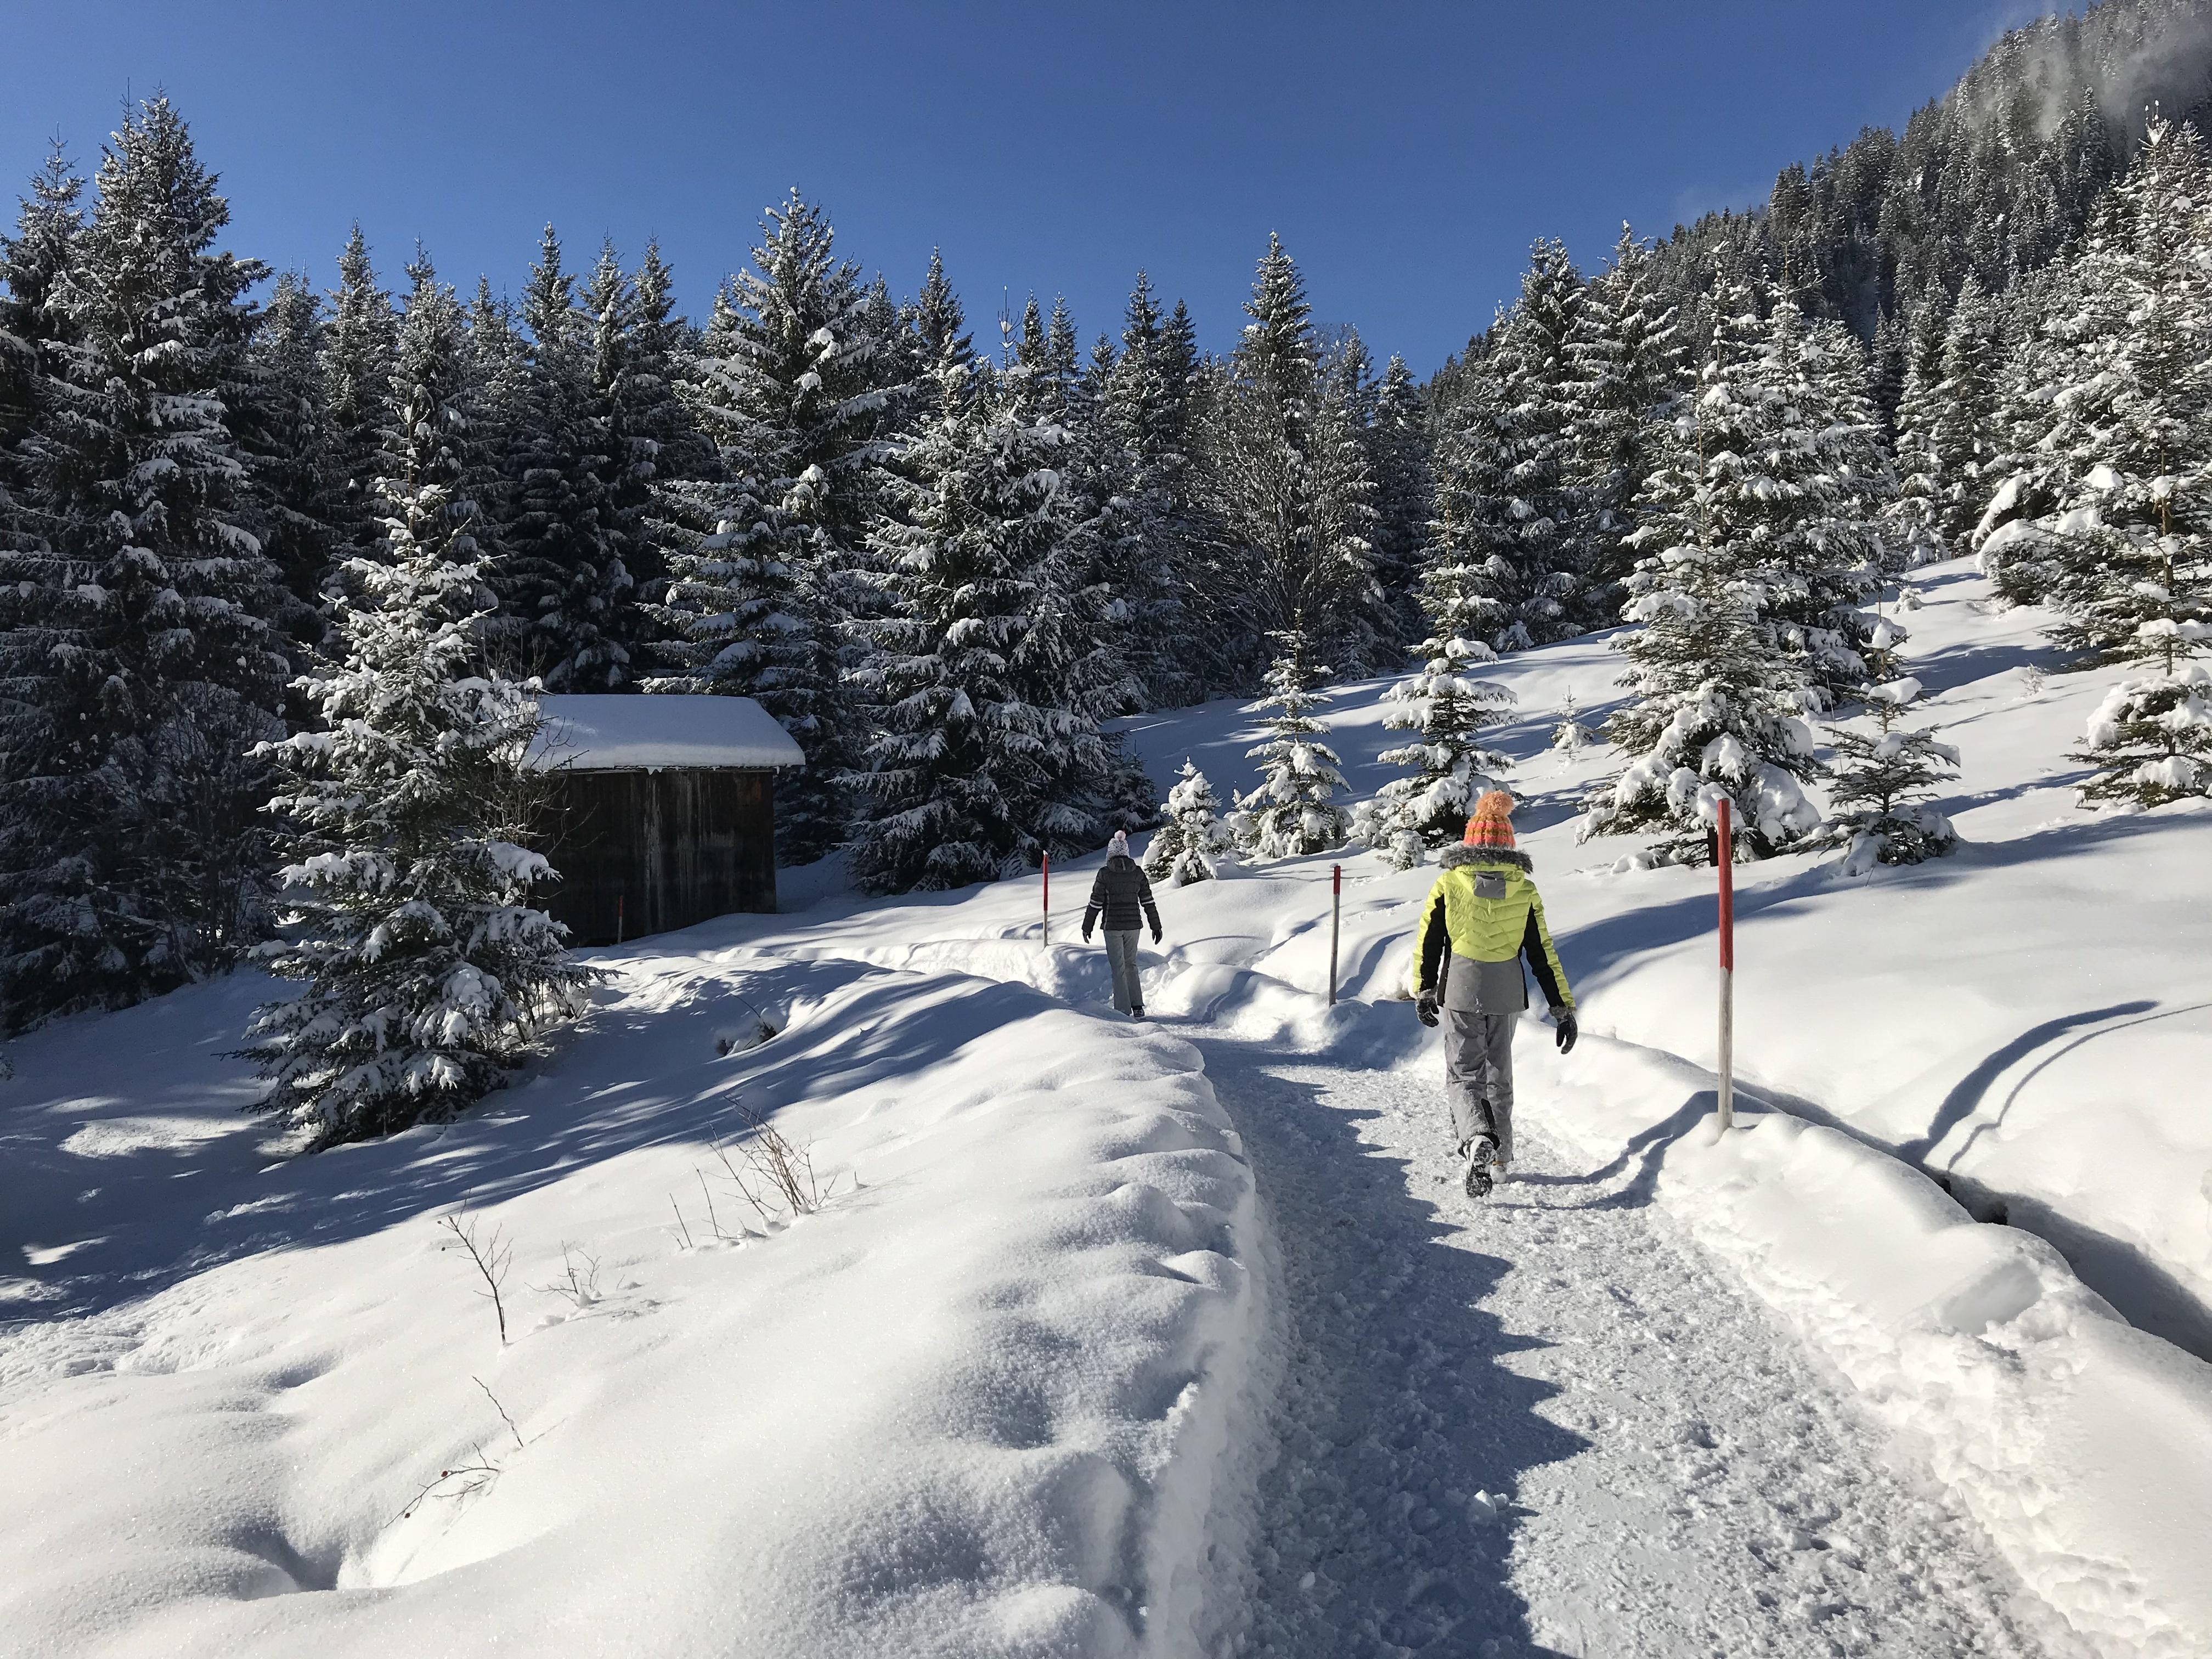 Winterwandelwegen in de Tiroler Zugspitzarena